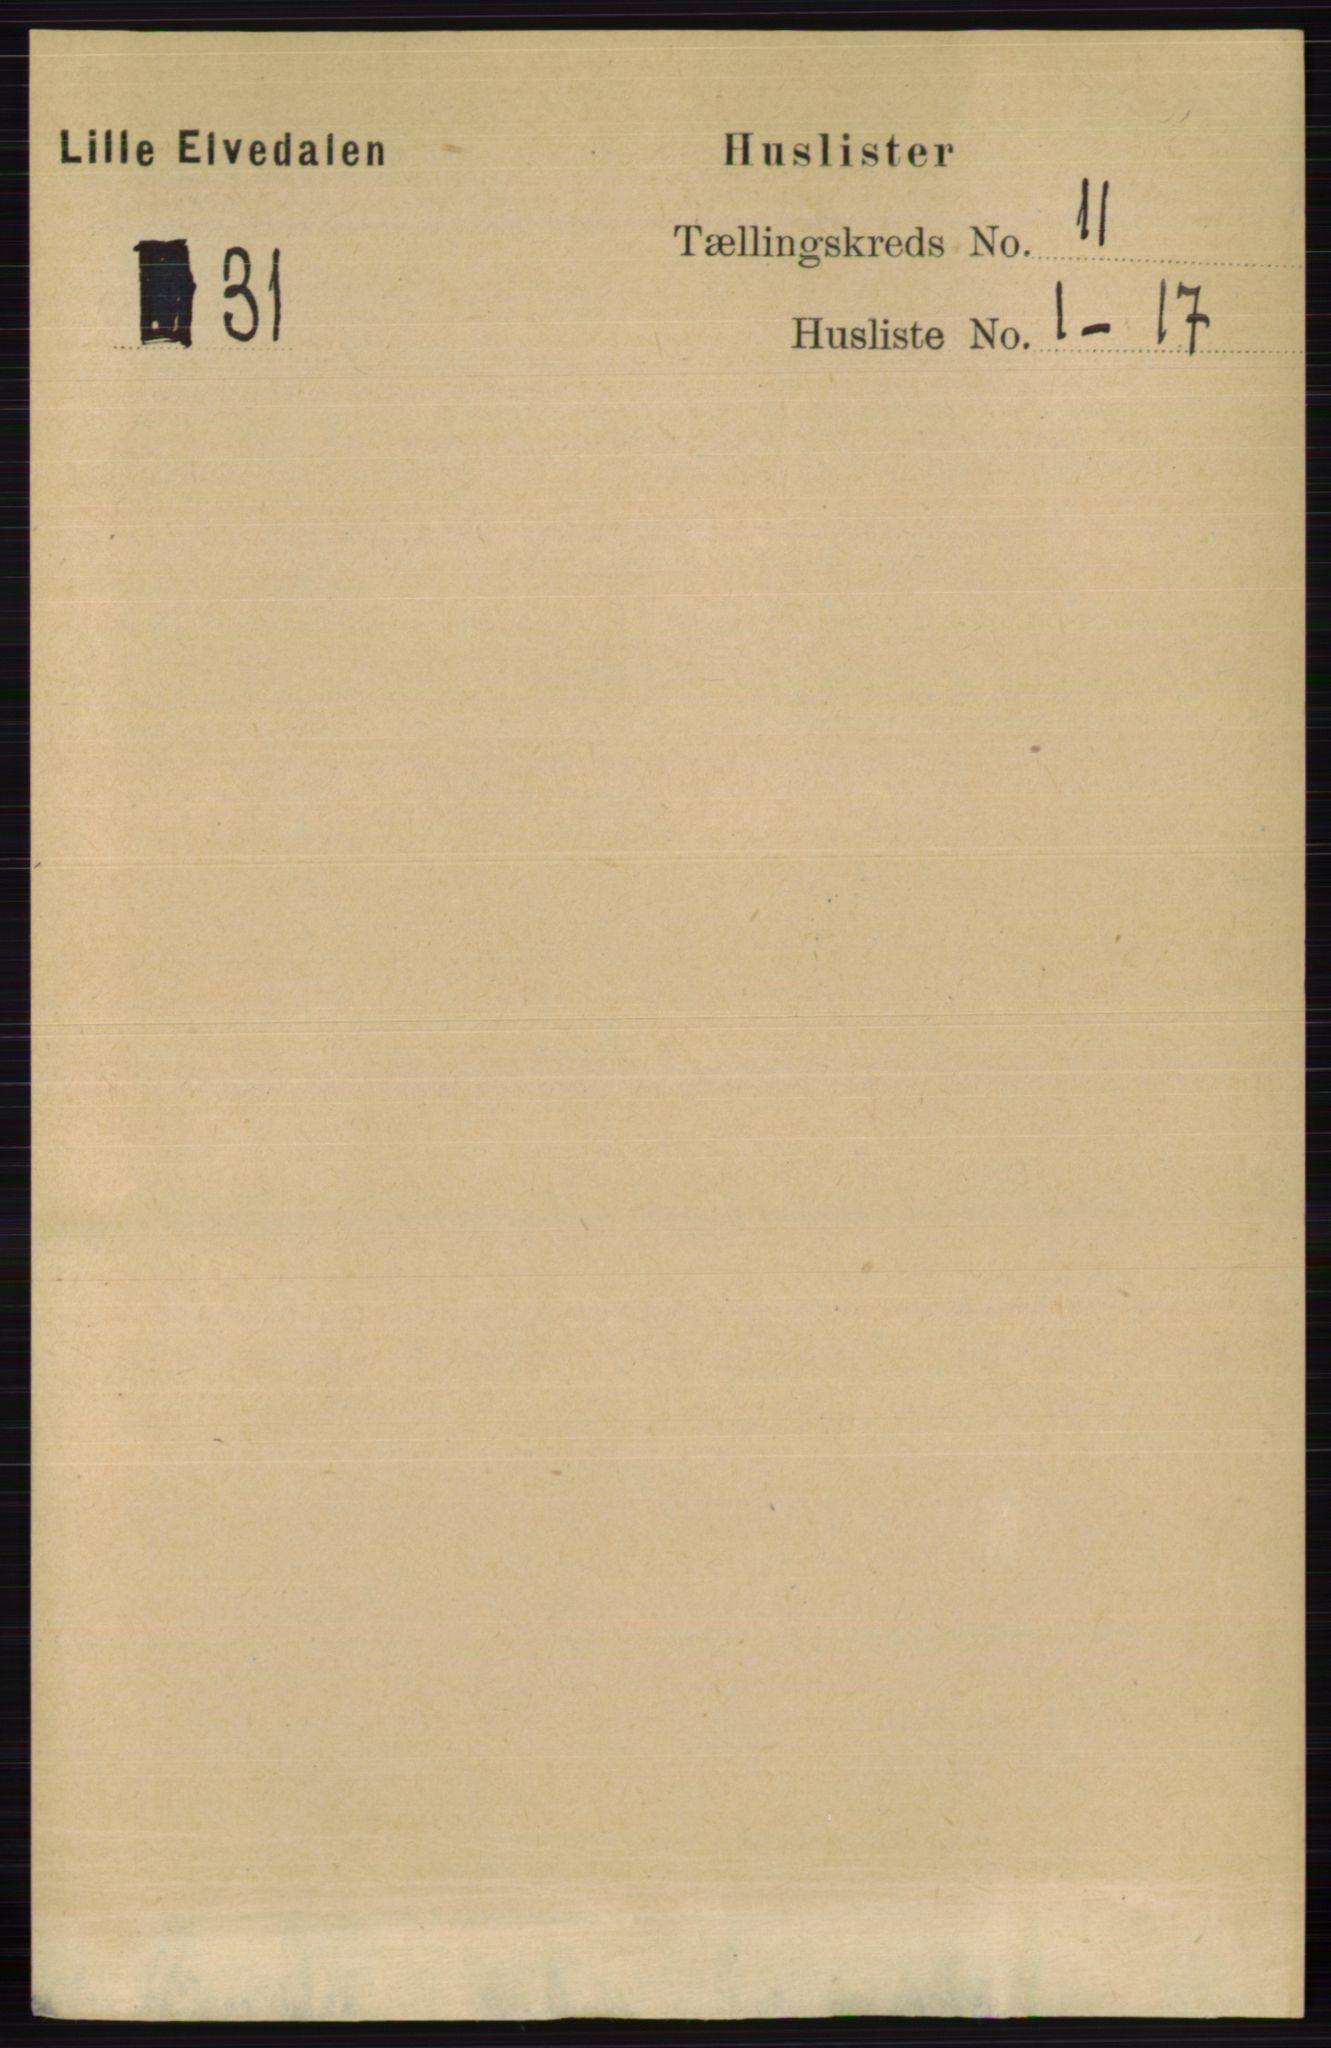 RA, Folketelling 1891 for 0438 Lille Elvedalen herred, 1891, s. 3773